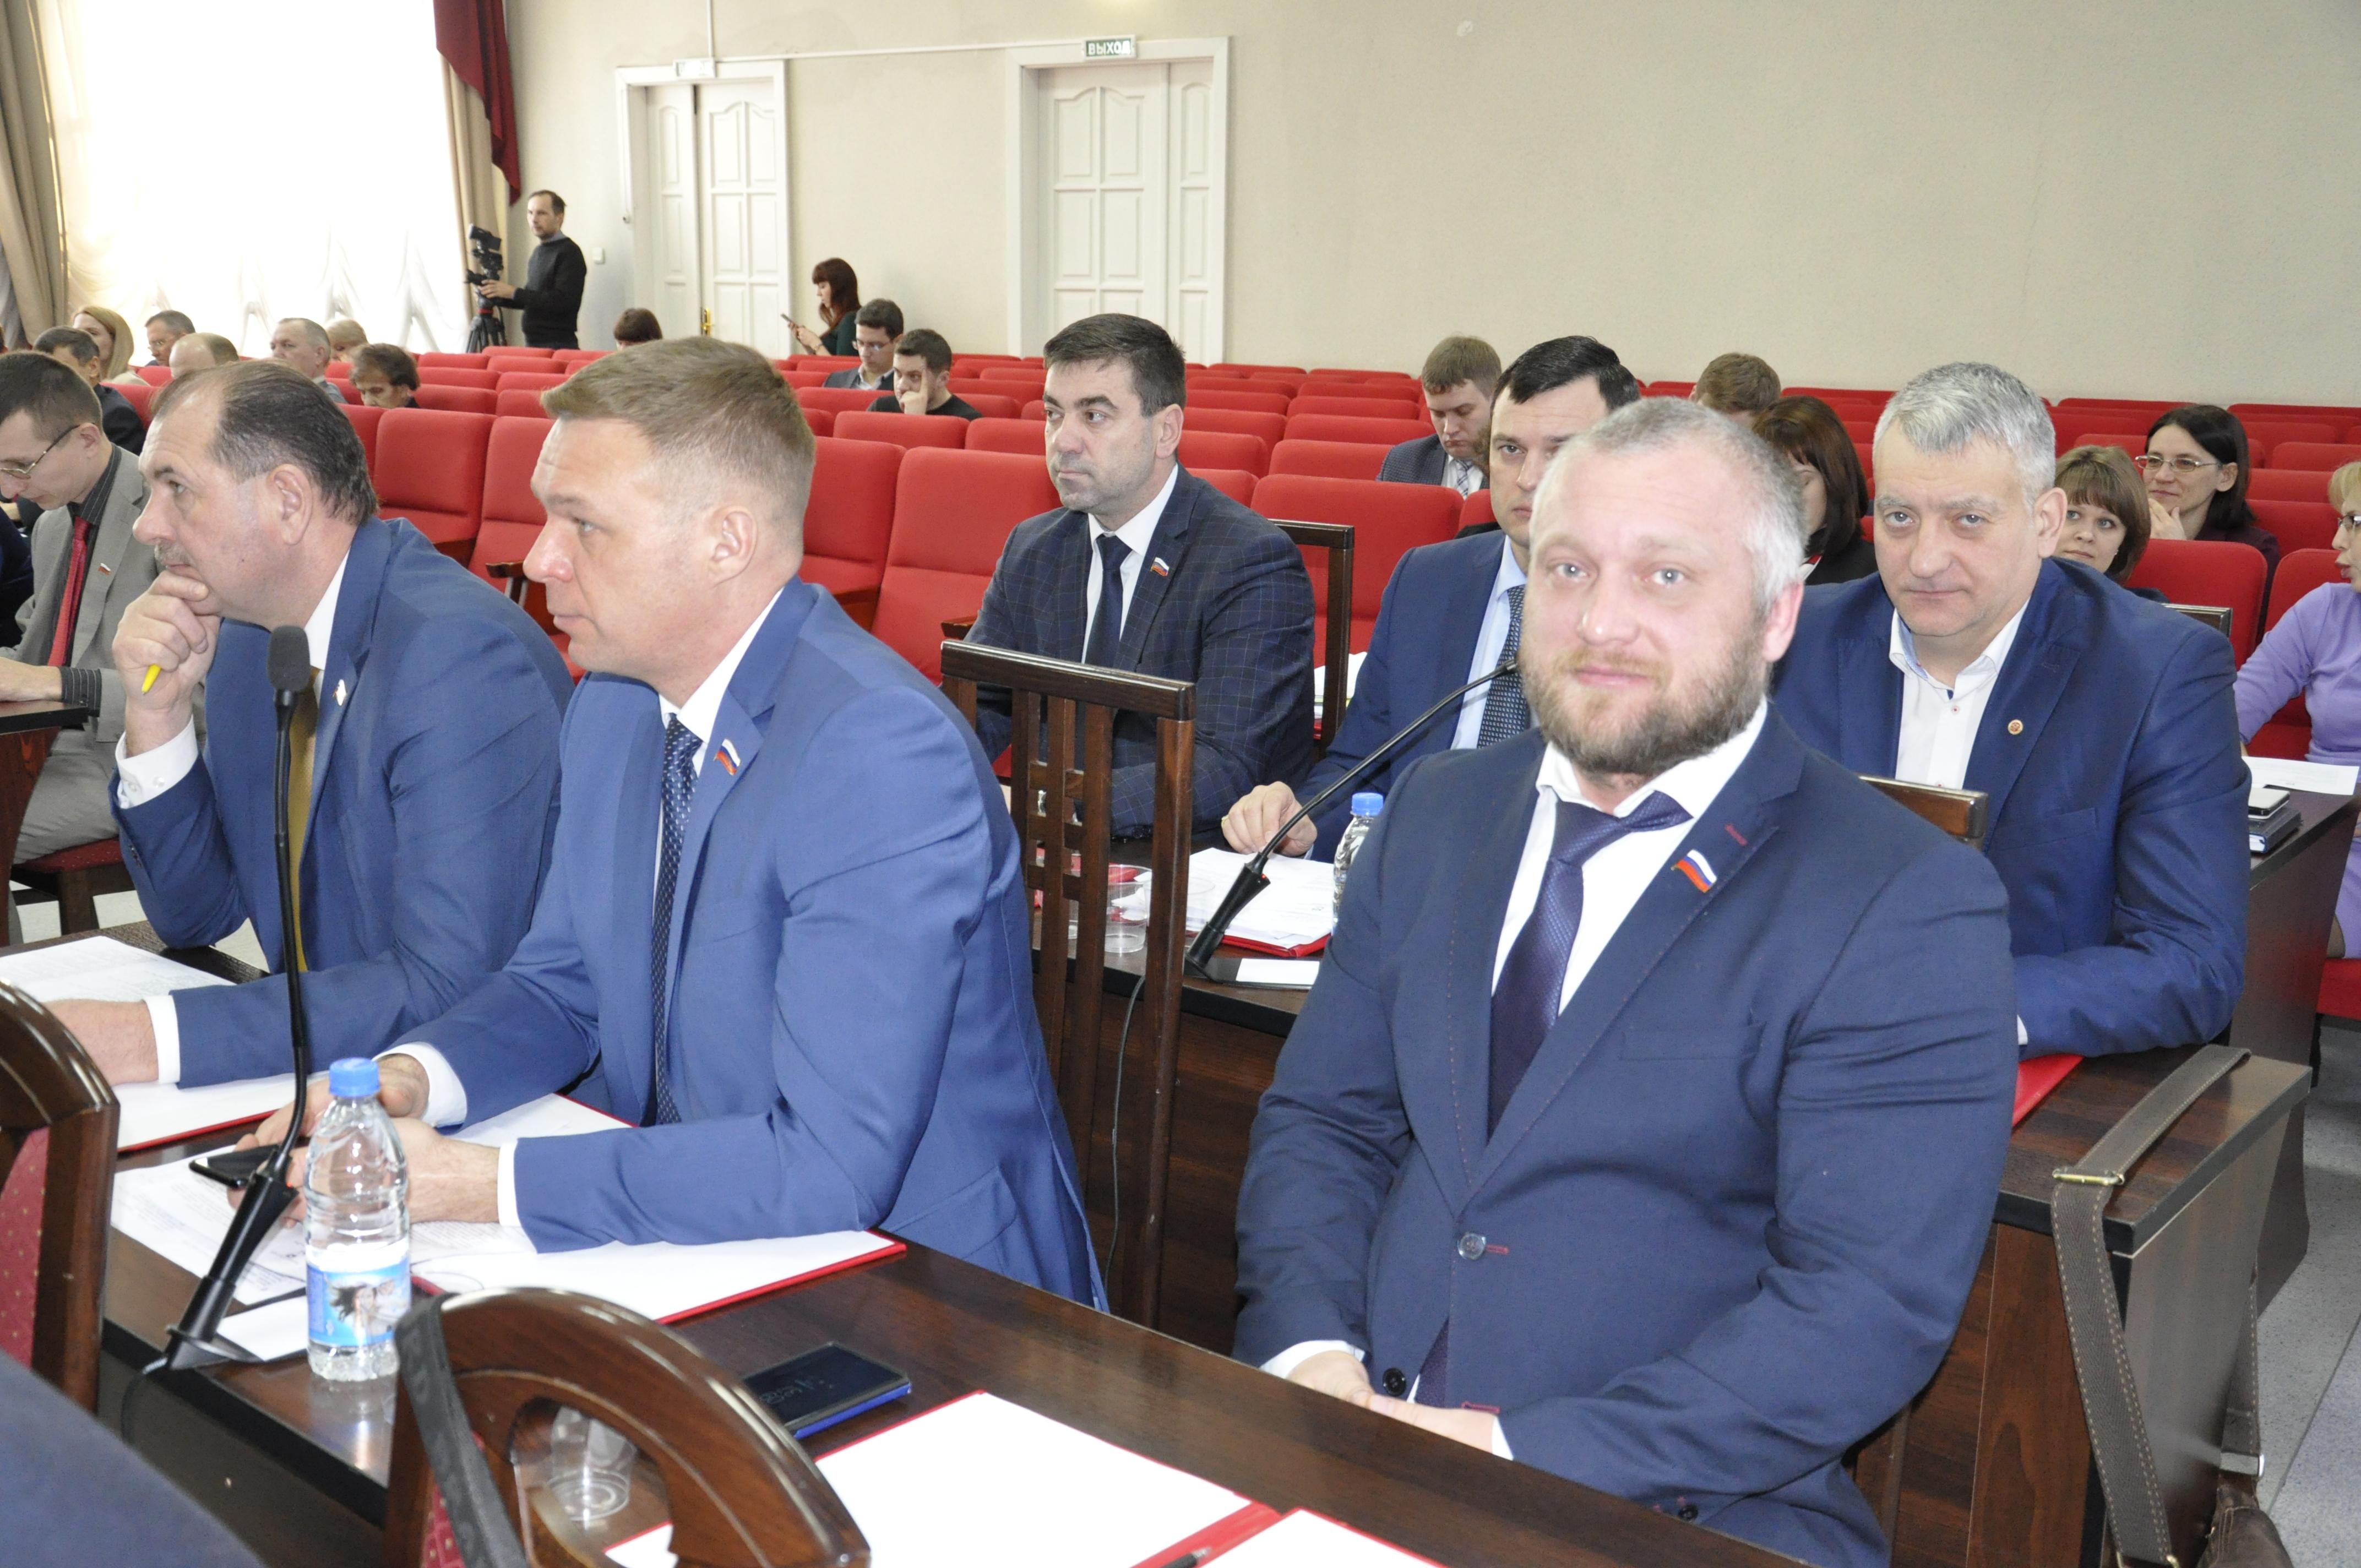 Барнаульские депутаты давлением прокуратуры отказались компенсаций канцелярию поездки